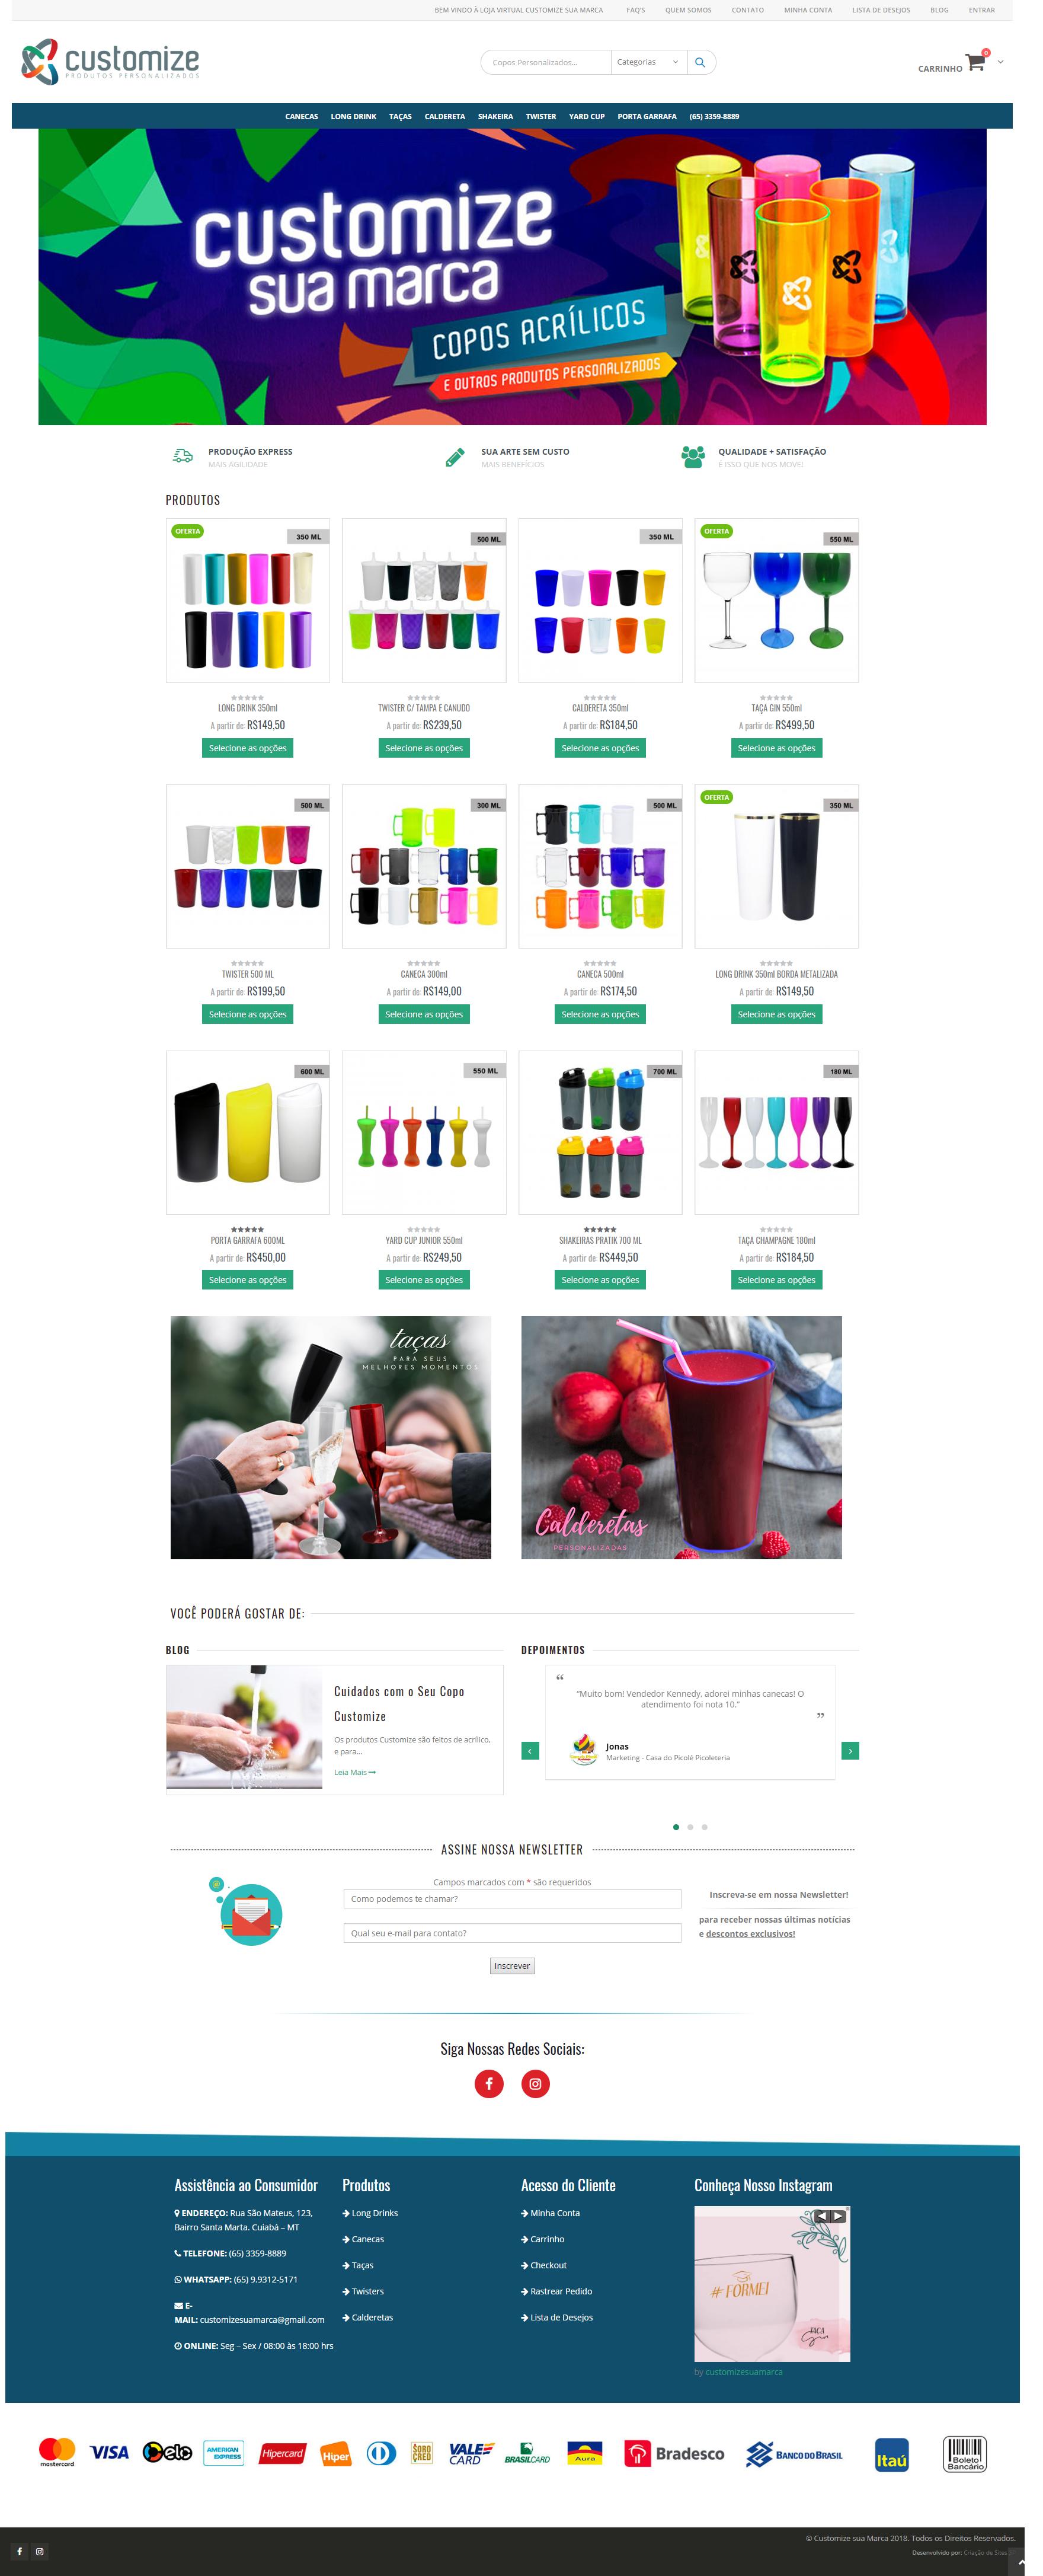 Screencapture-customizesuamarca-br-2019-03-23-17_55_38